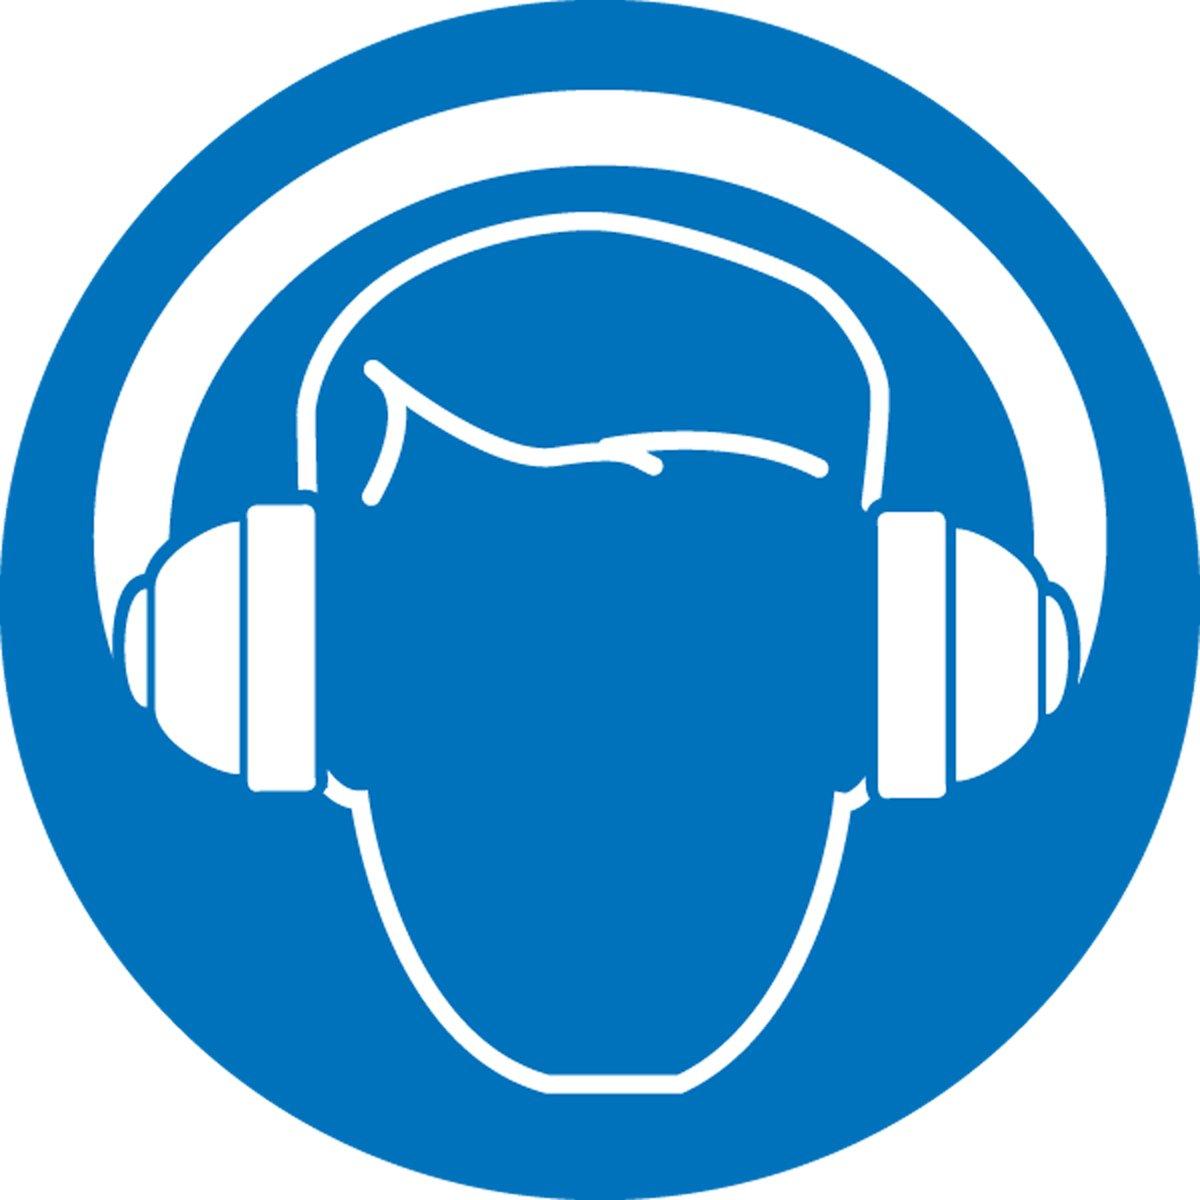 """Afbeeldingsresultaat voor wear hearing protection sign"""""""